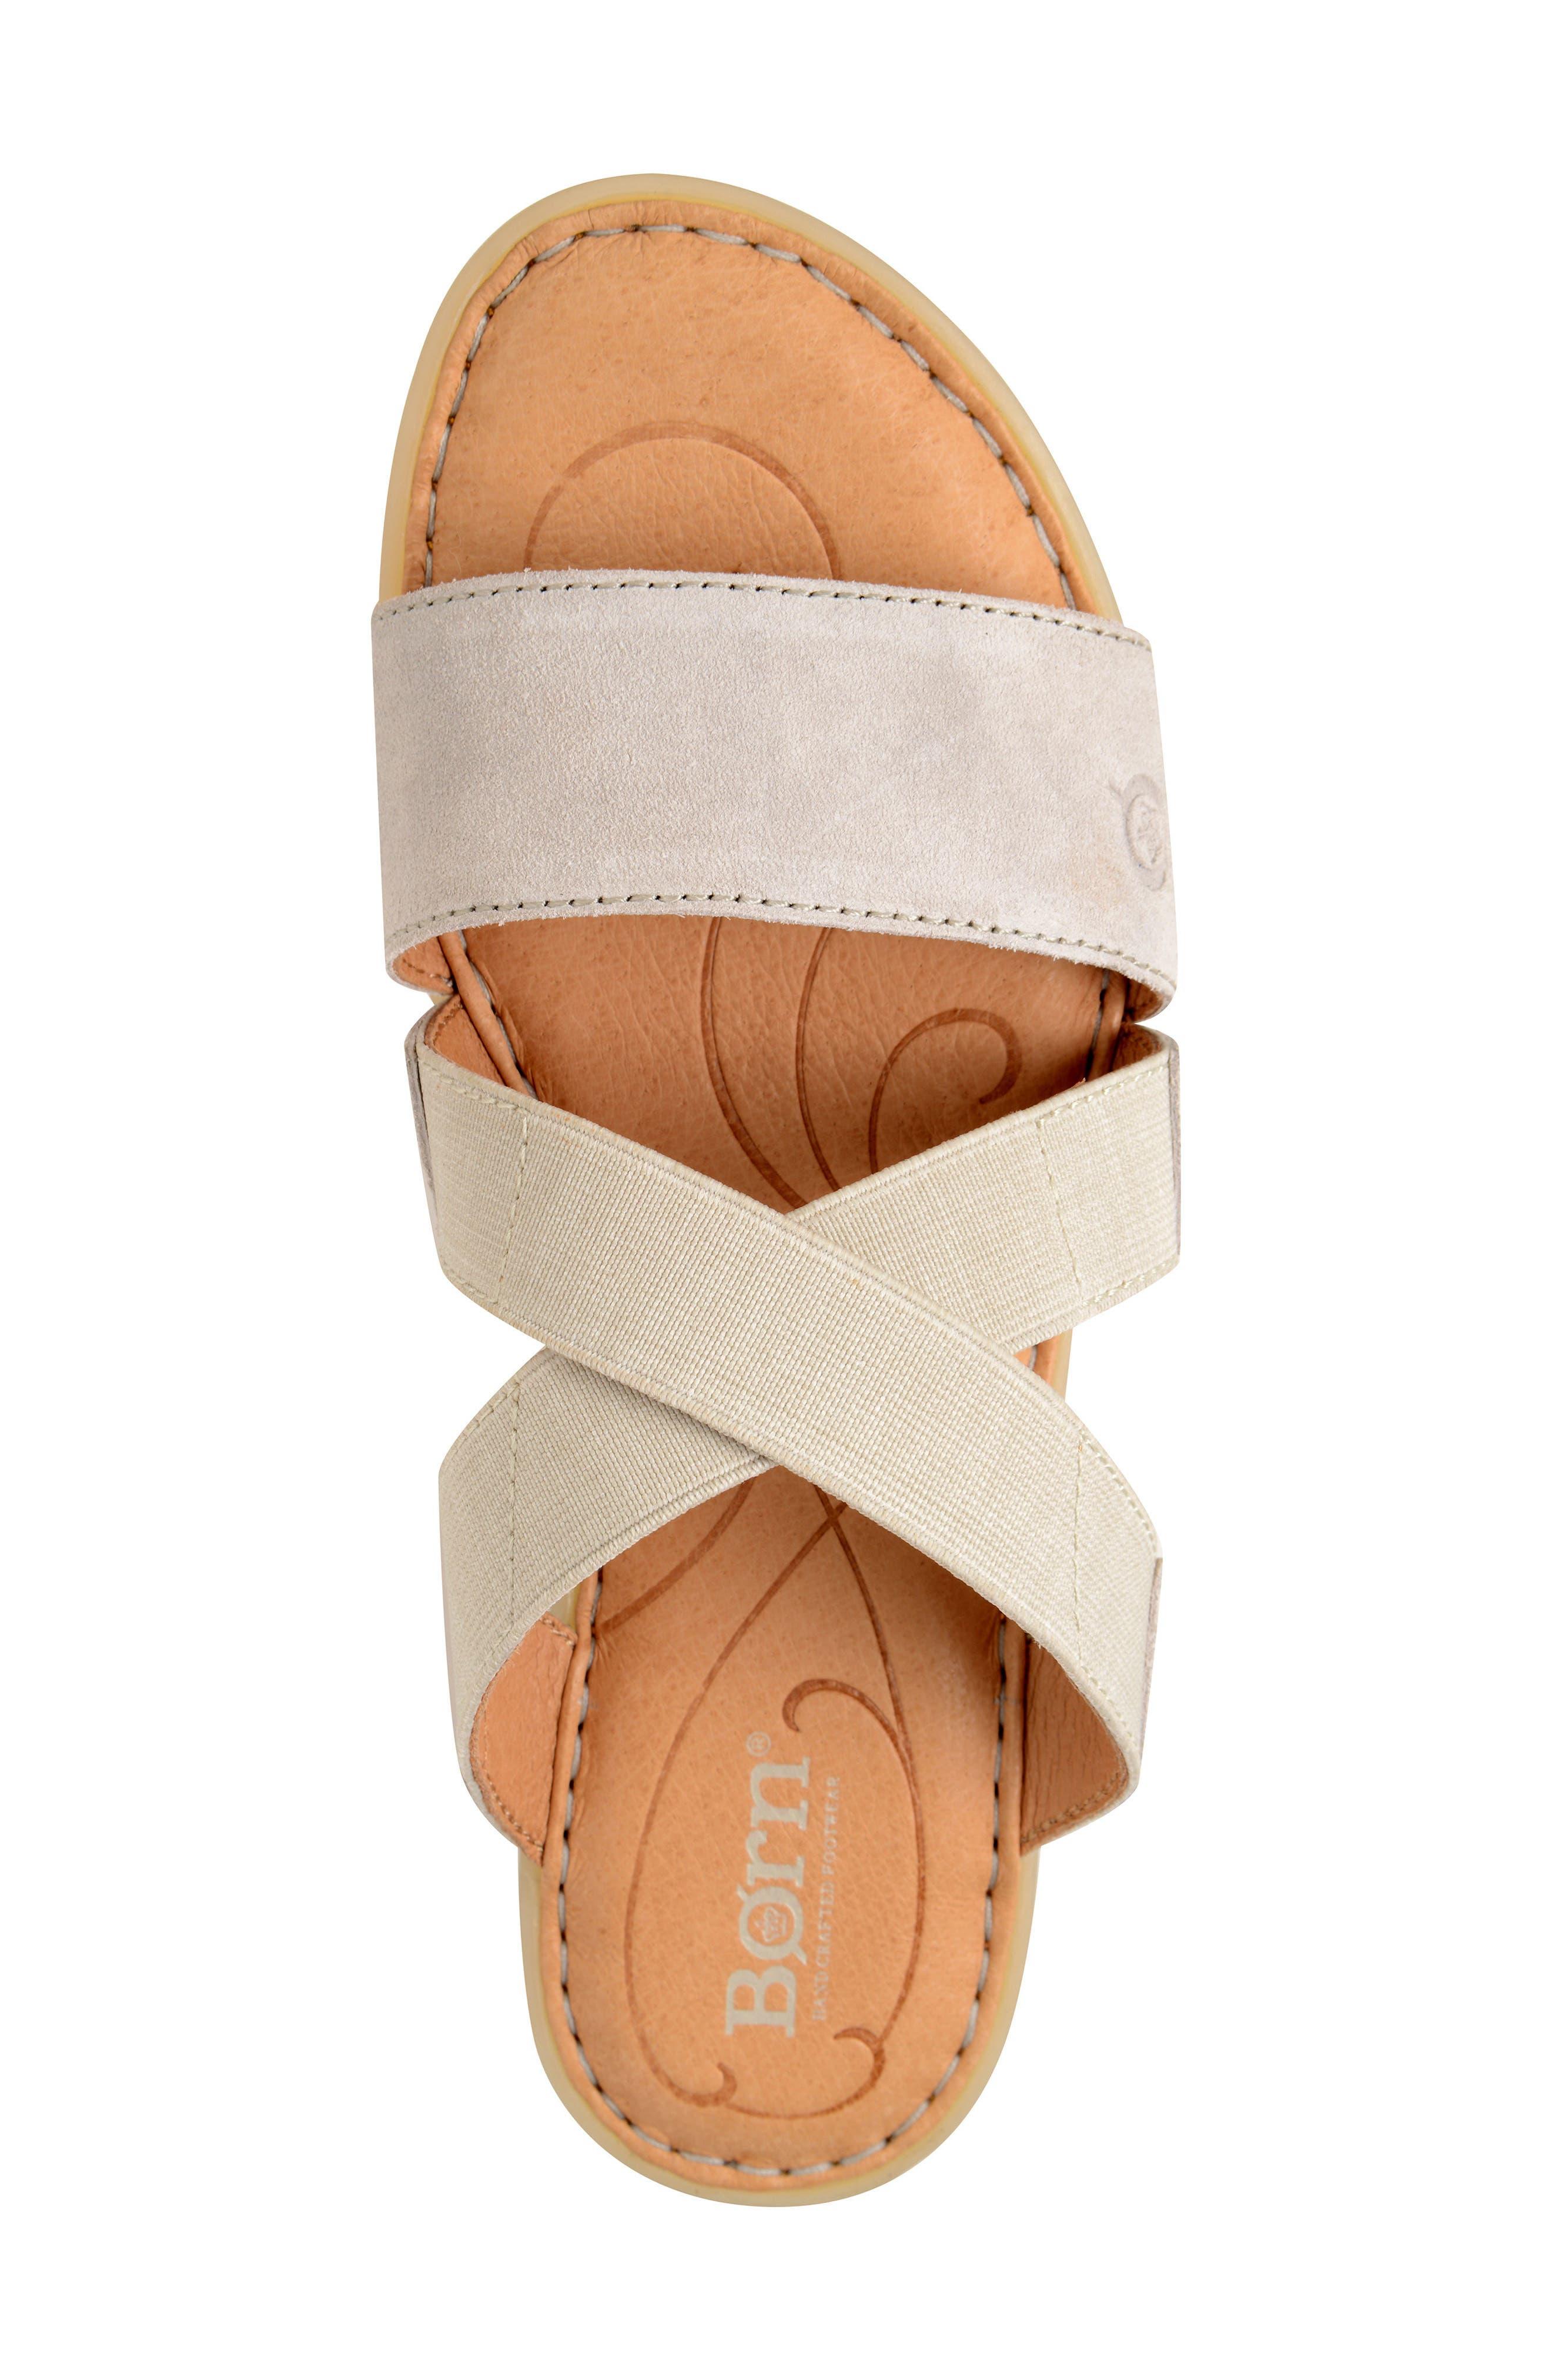 Tidore Slide Sandal,                             Alternate thumbnail 10, color,